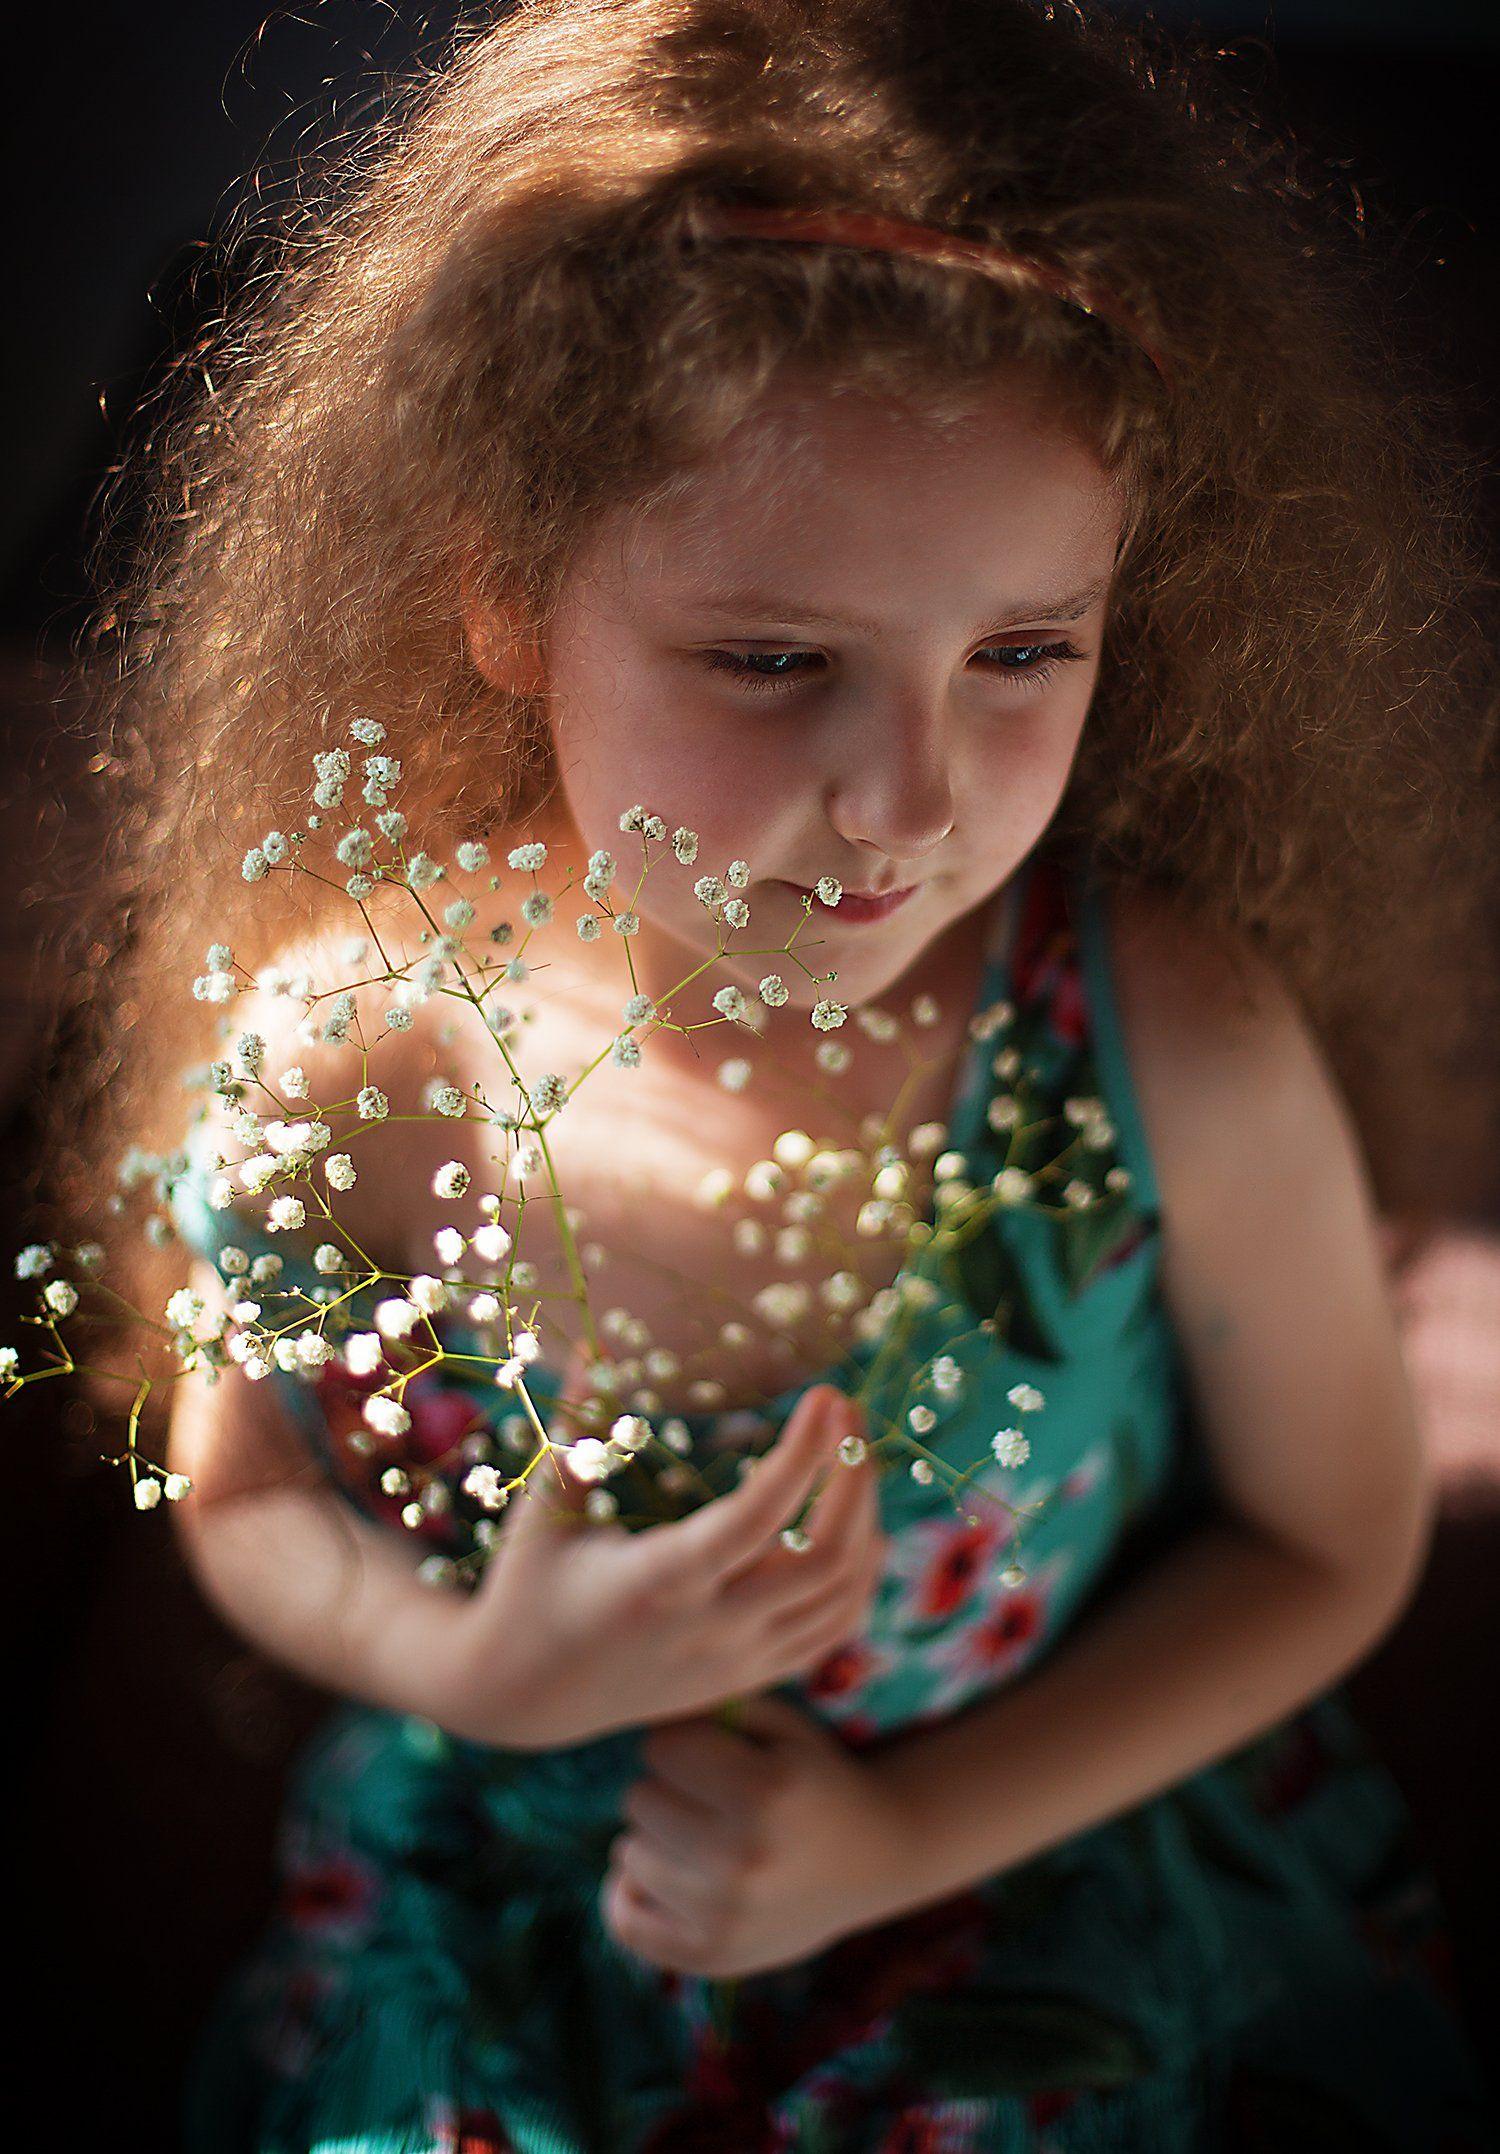 Девочка, Портрет, Цветы, Dina Orlean